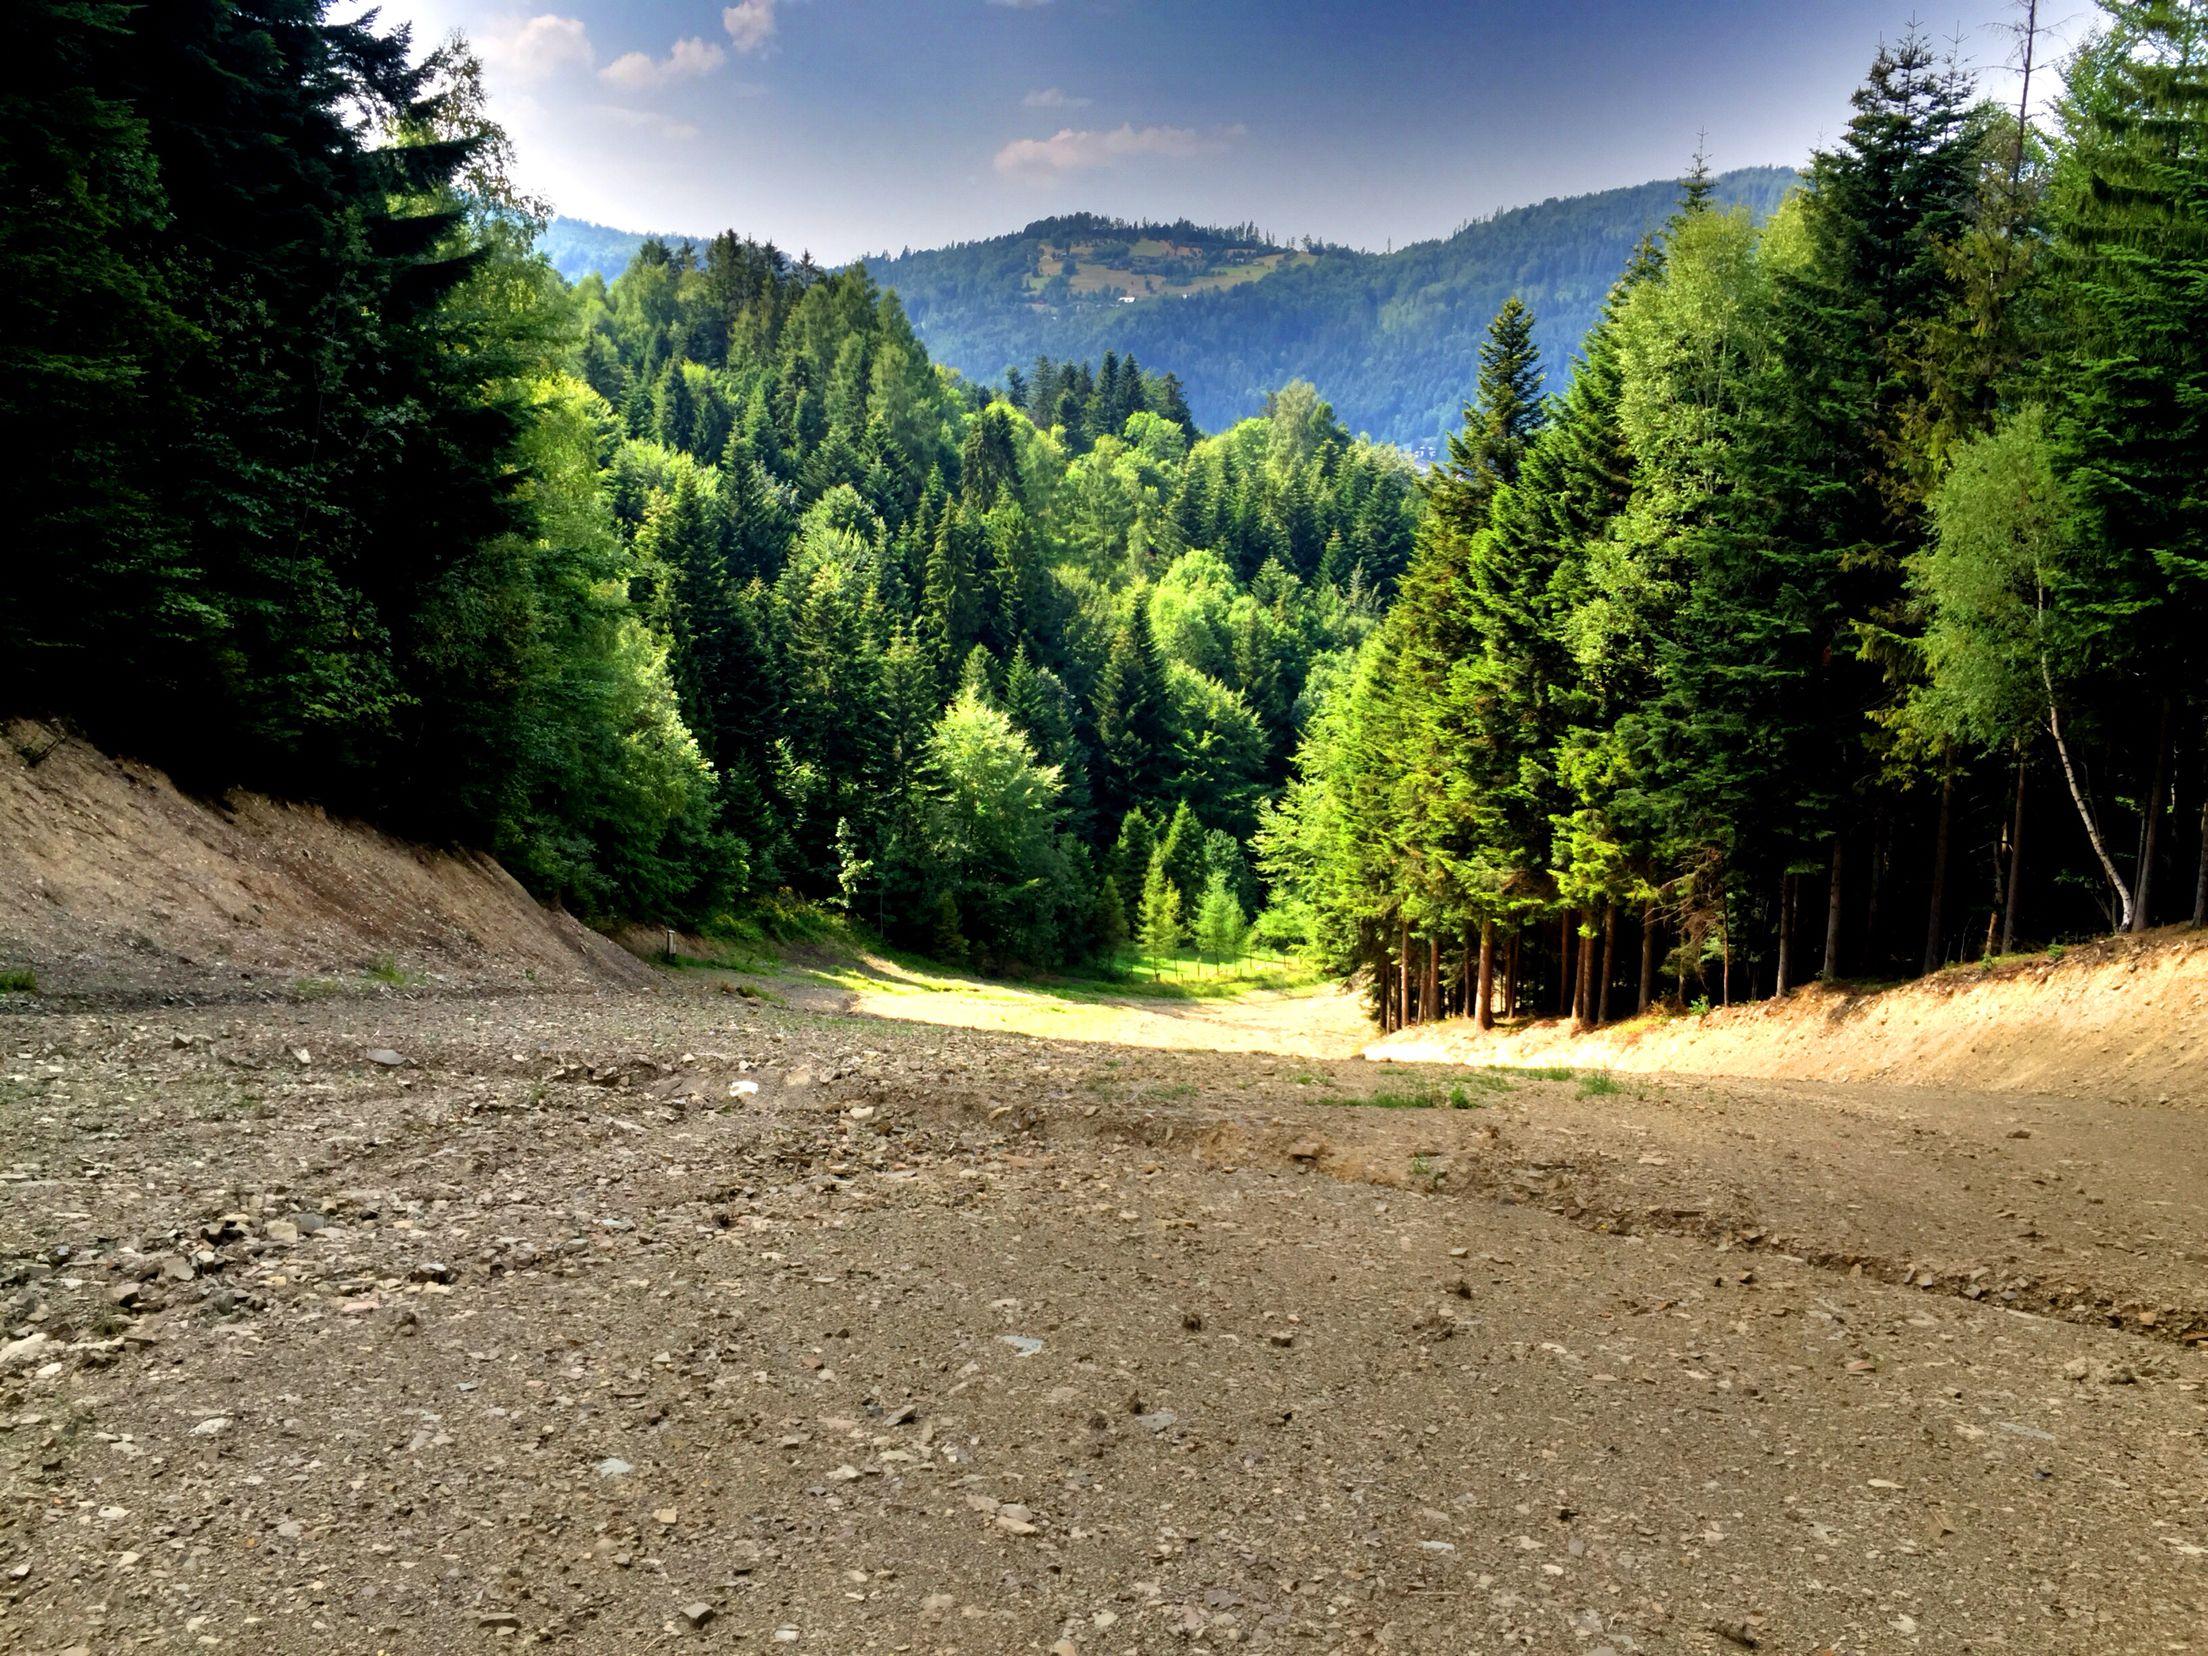 Przeprofilowana Trasa Fis W Szczyrku Country Roads Poland Country